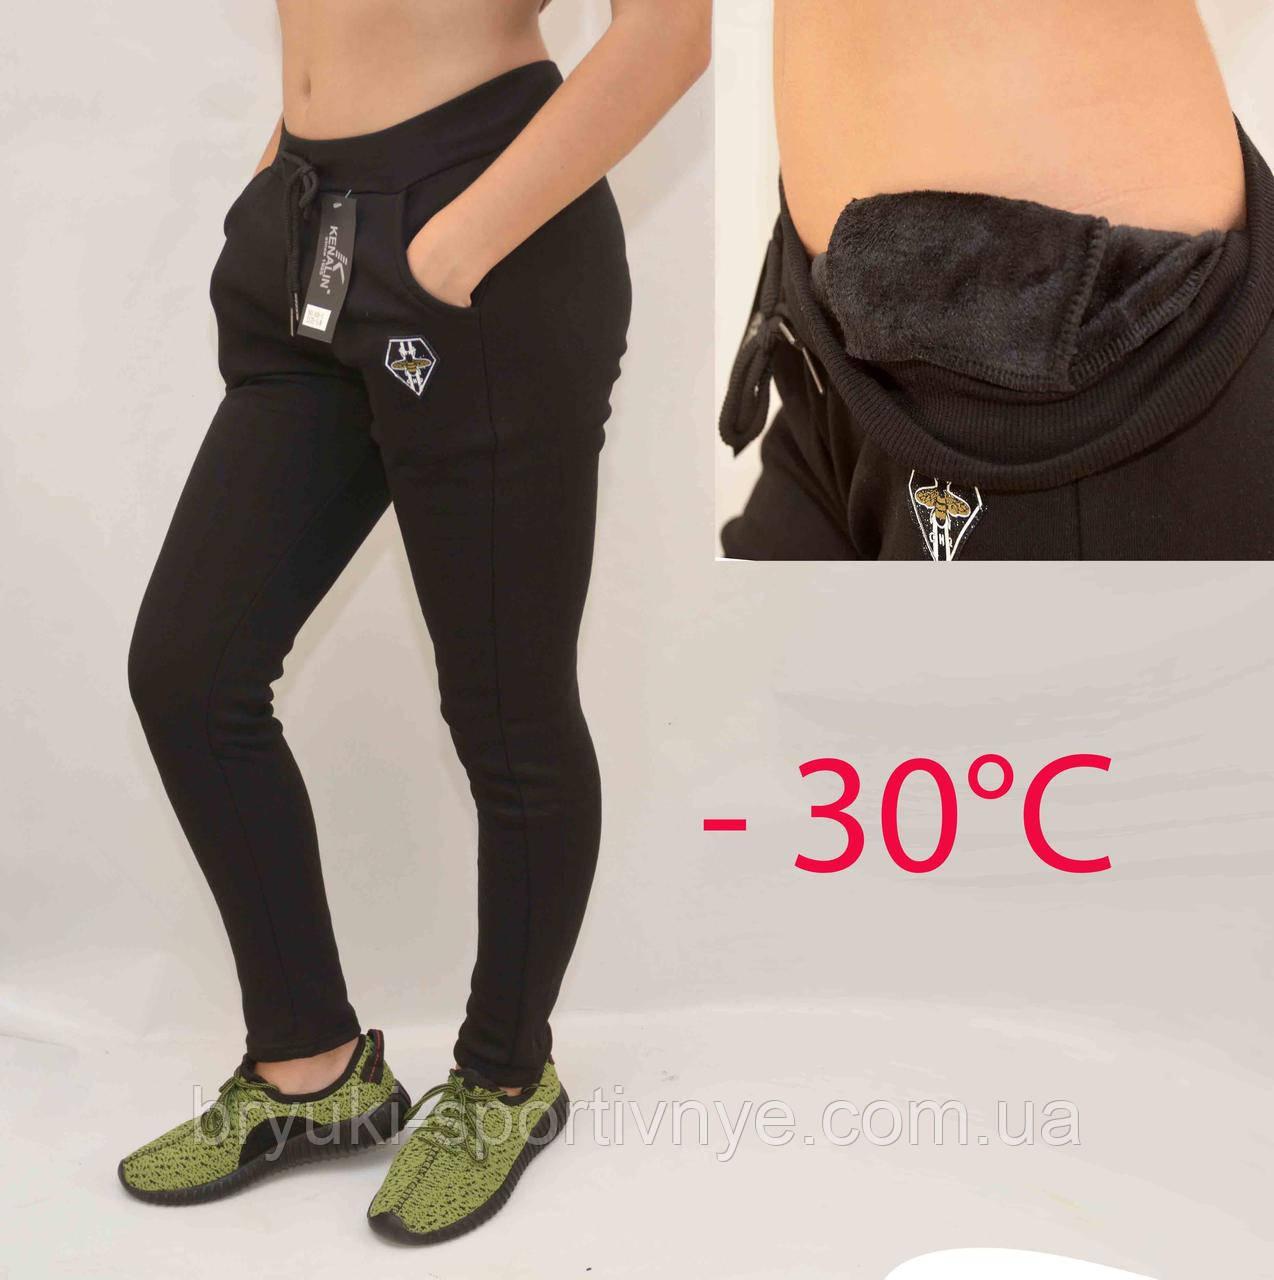 Брюки женские спортивные зимние на меховой подкладке - Пчелка S -XL